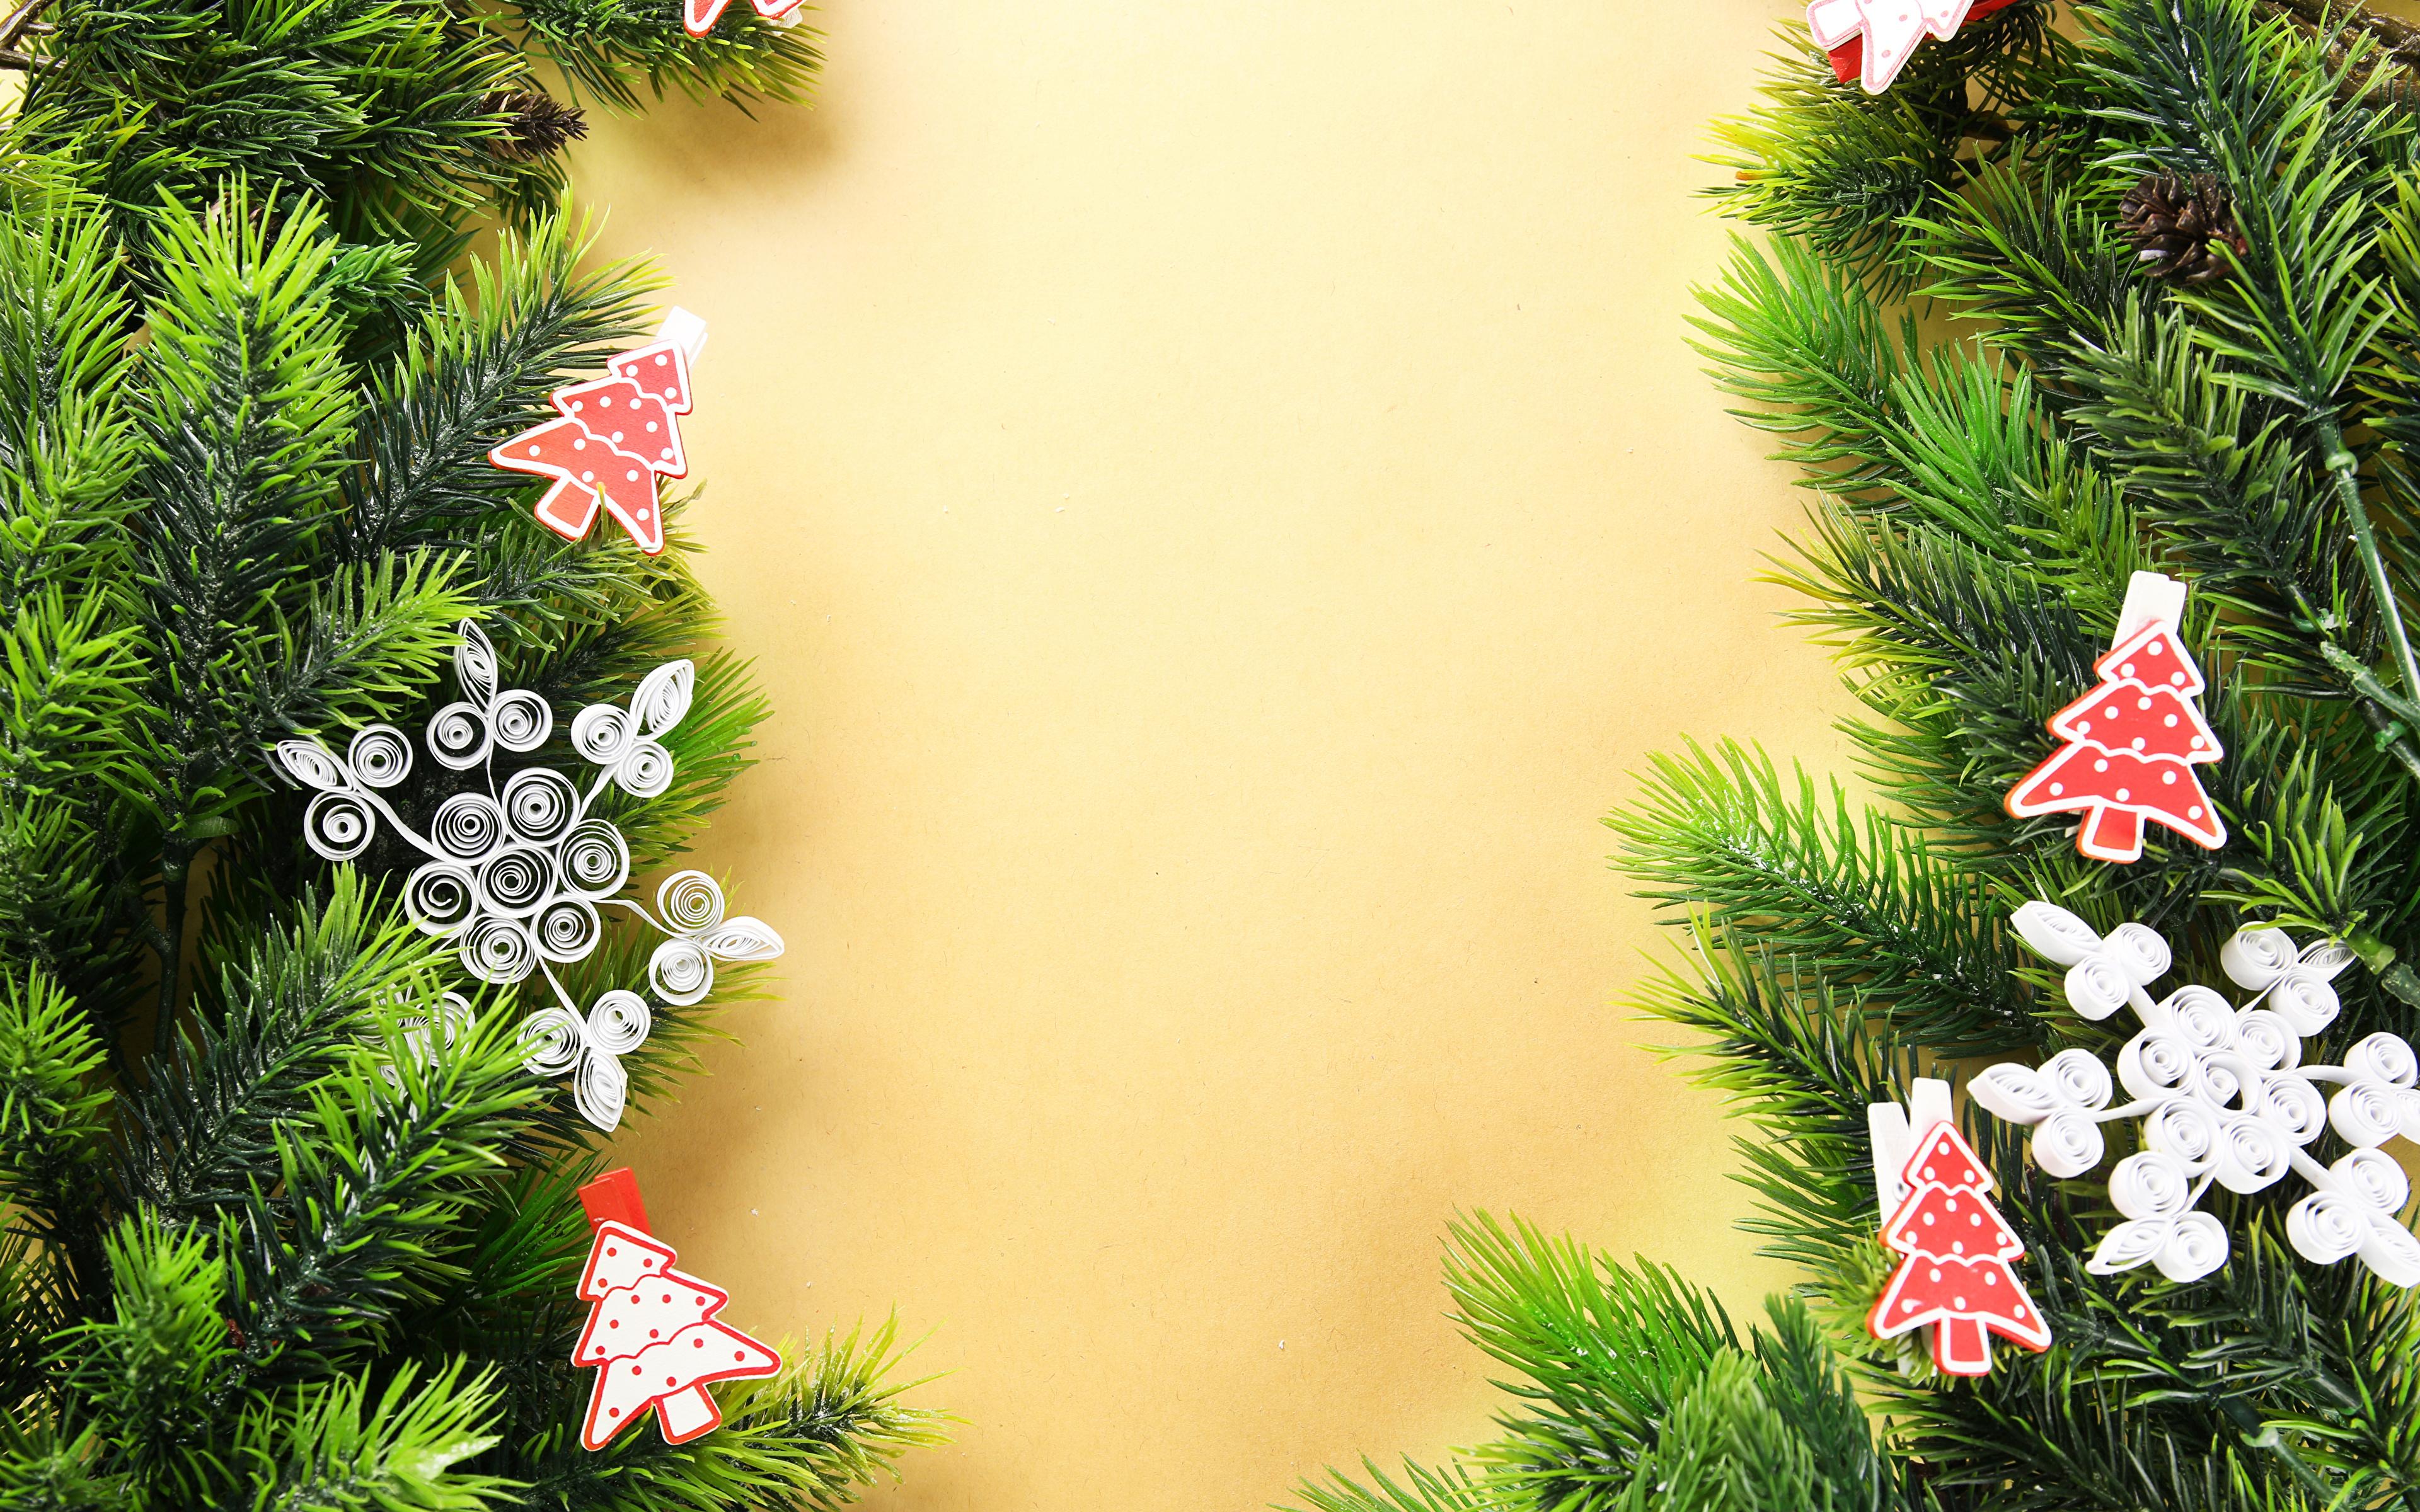 Weihnachtsbaum Ast.Fotos Von Neujahr Schneeflocken Weihnachtsbaum Ast Vorlage 3840x2400